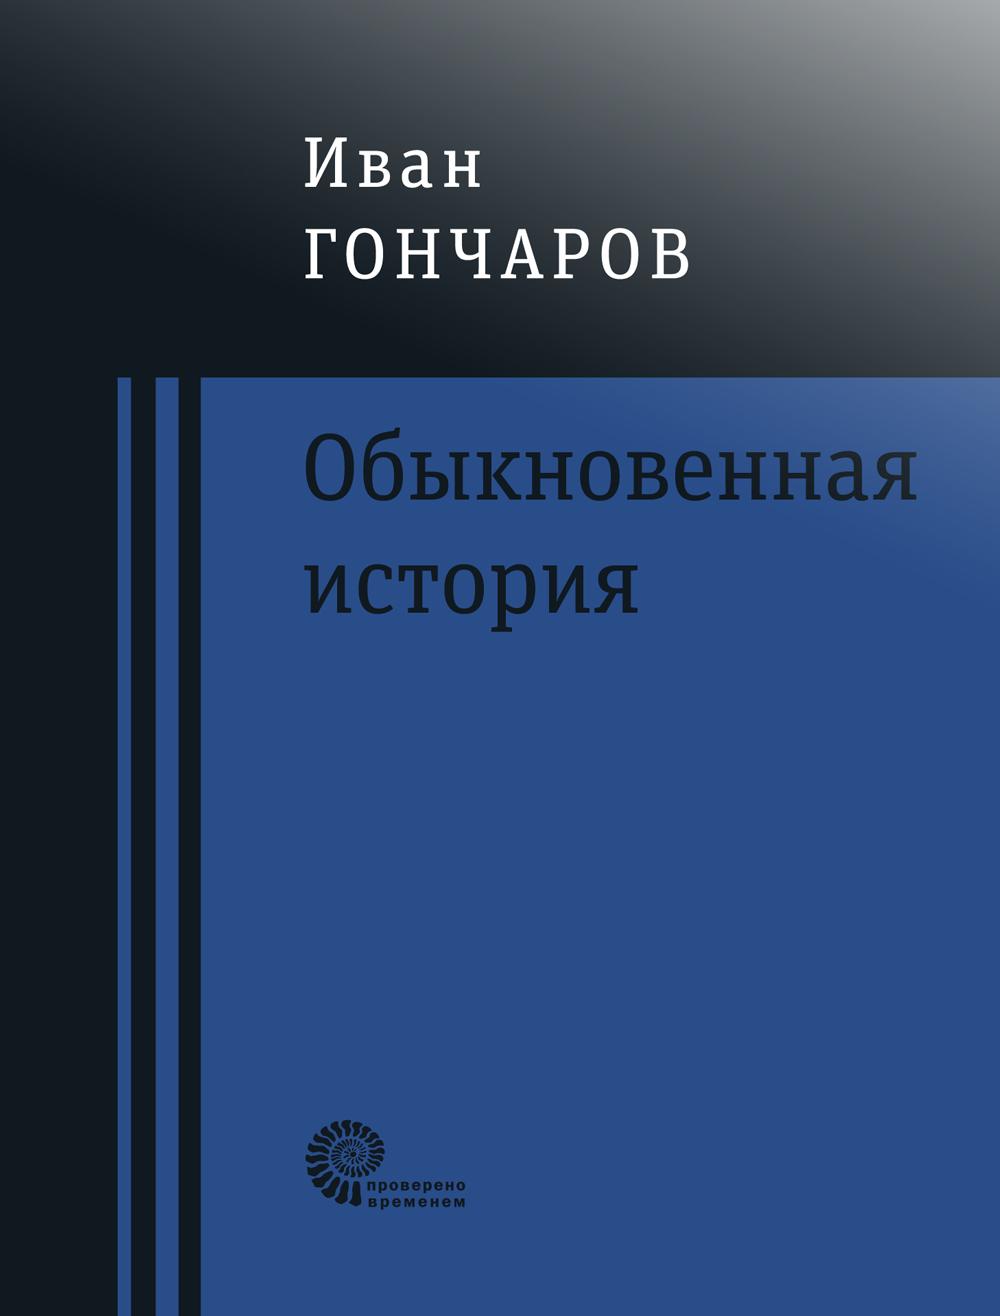 Купить Обыкновенная история, Иван Гончаров, 978-5-00112-076-6